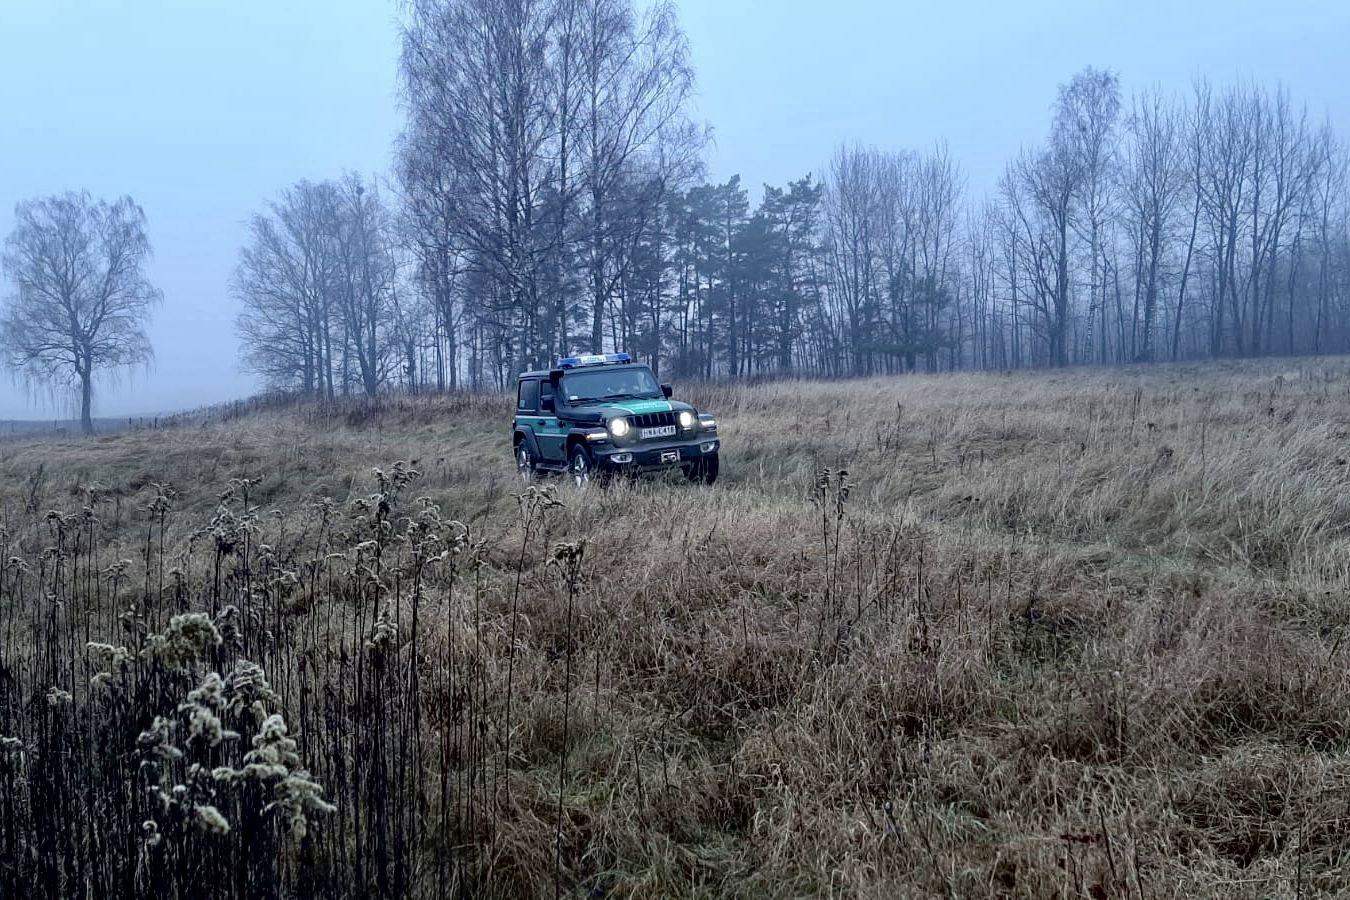 Новый рекорд Лукашенко по нелегалам: в Польшу попытались проникнуть более 300 мигрантов